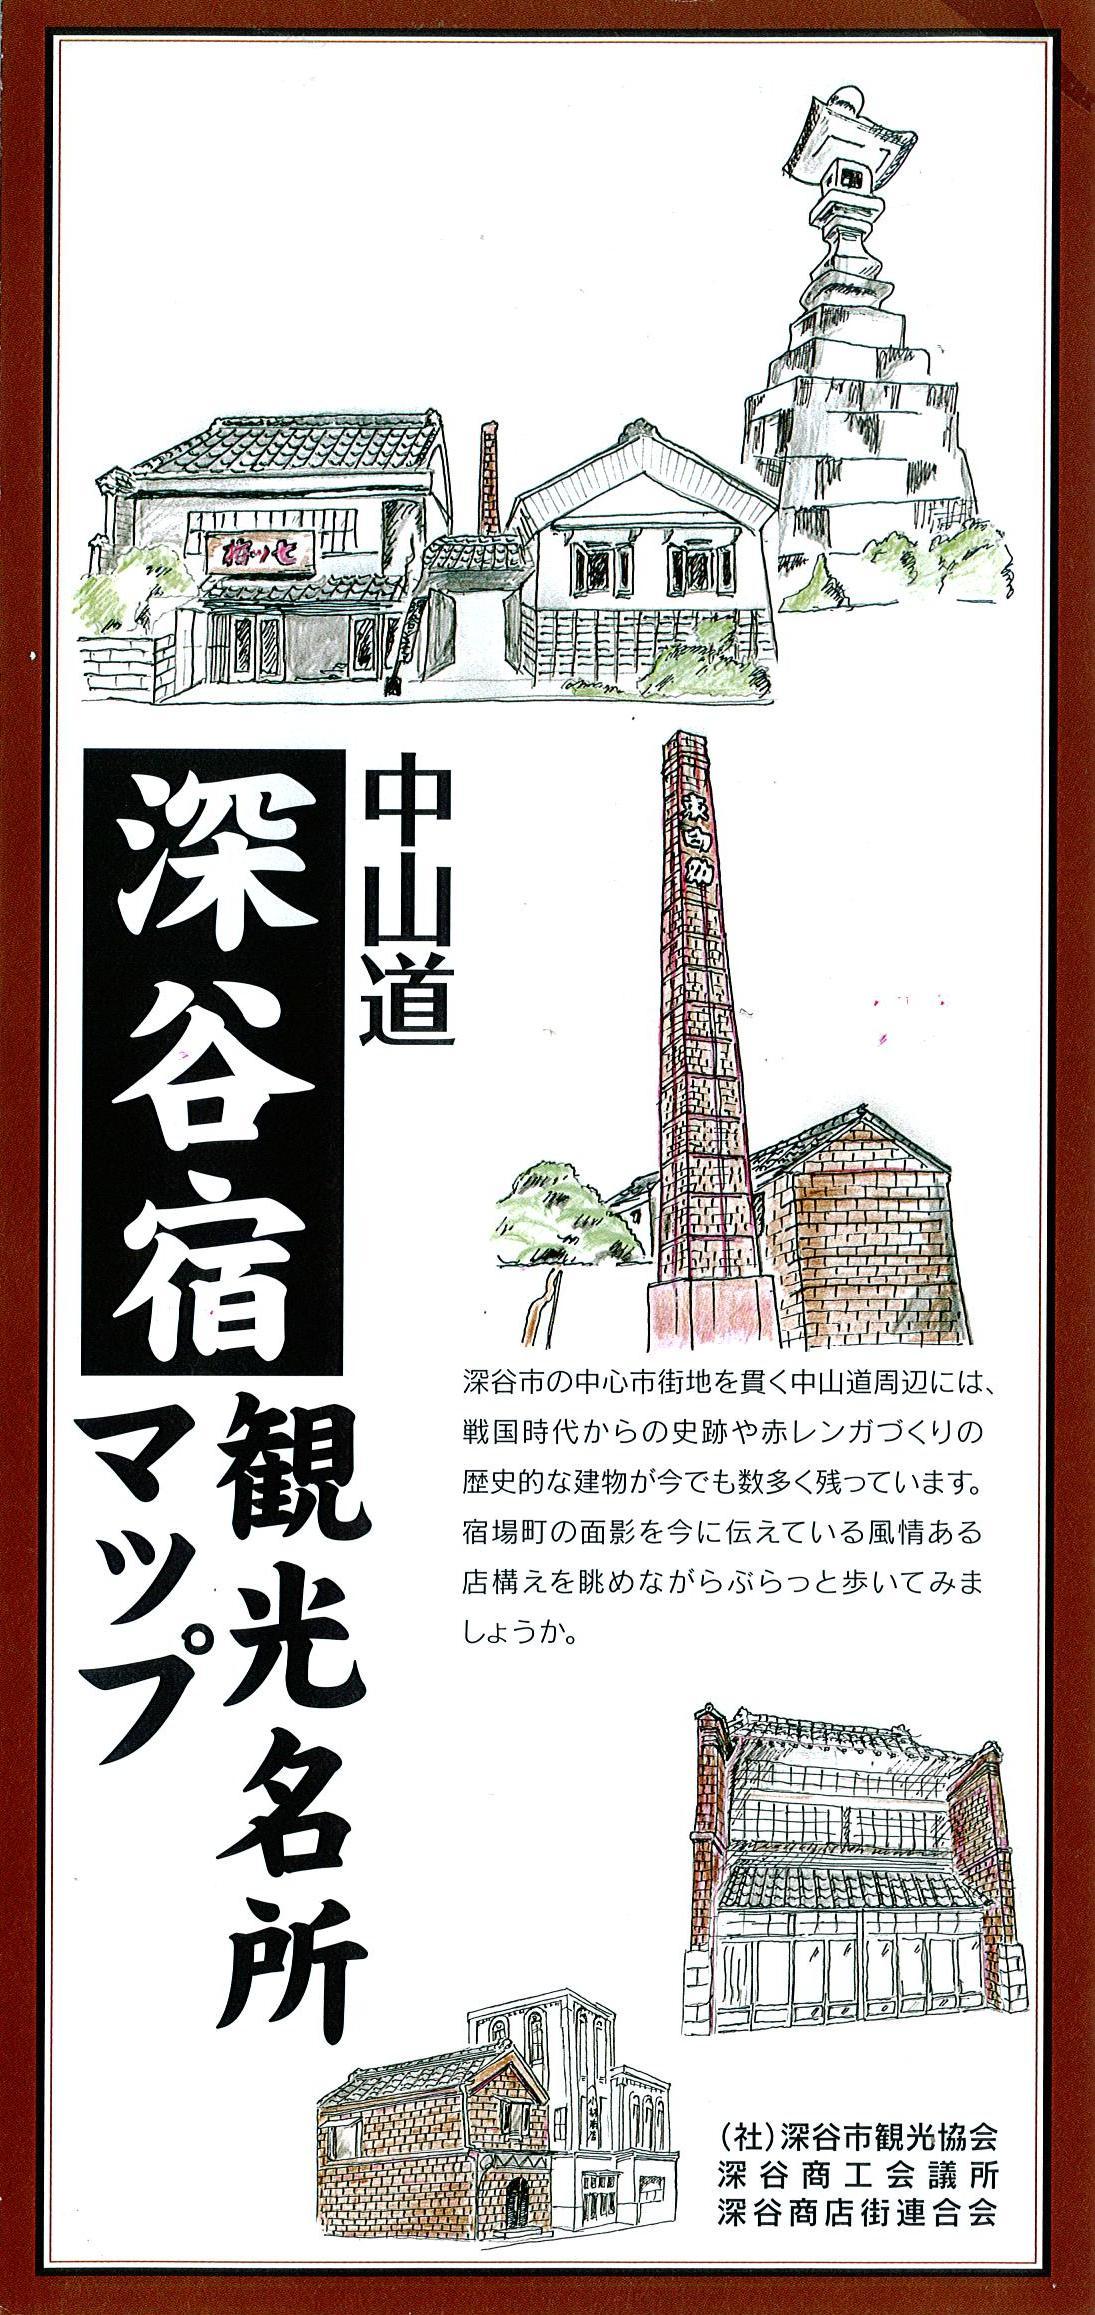 中山道深谷宿観光名所マップ